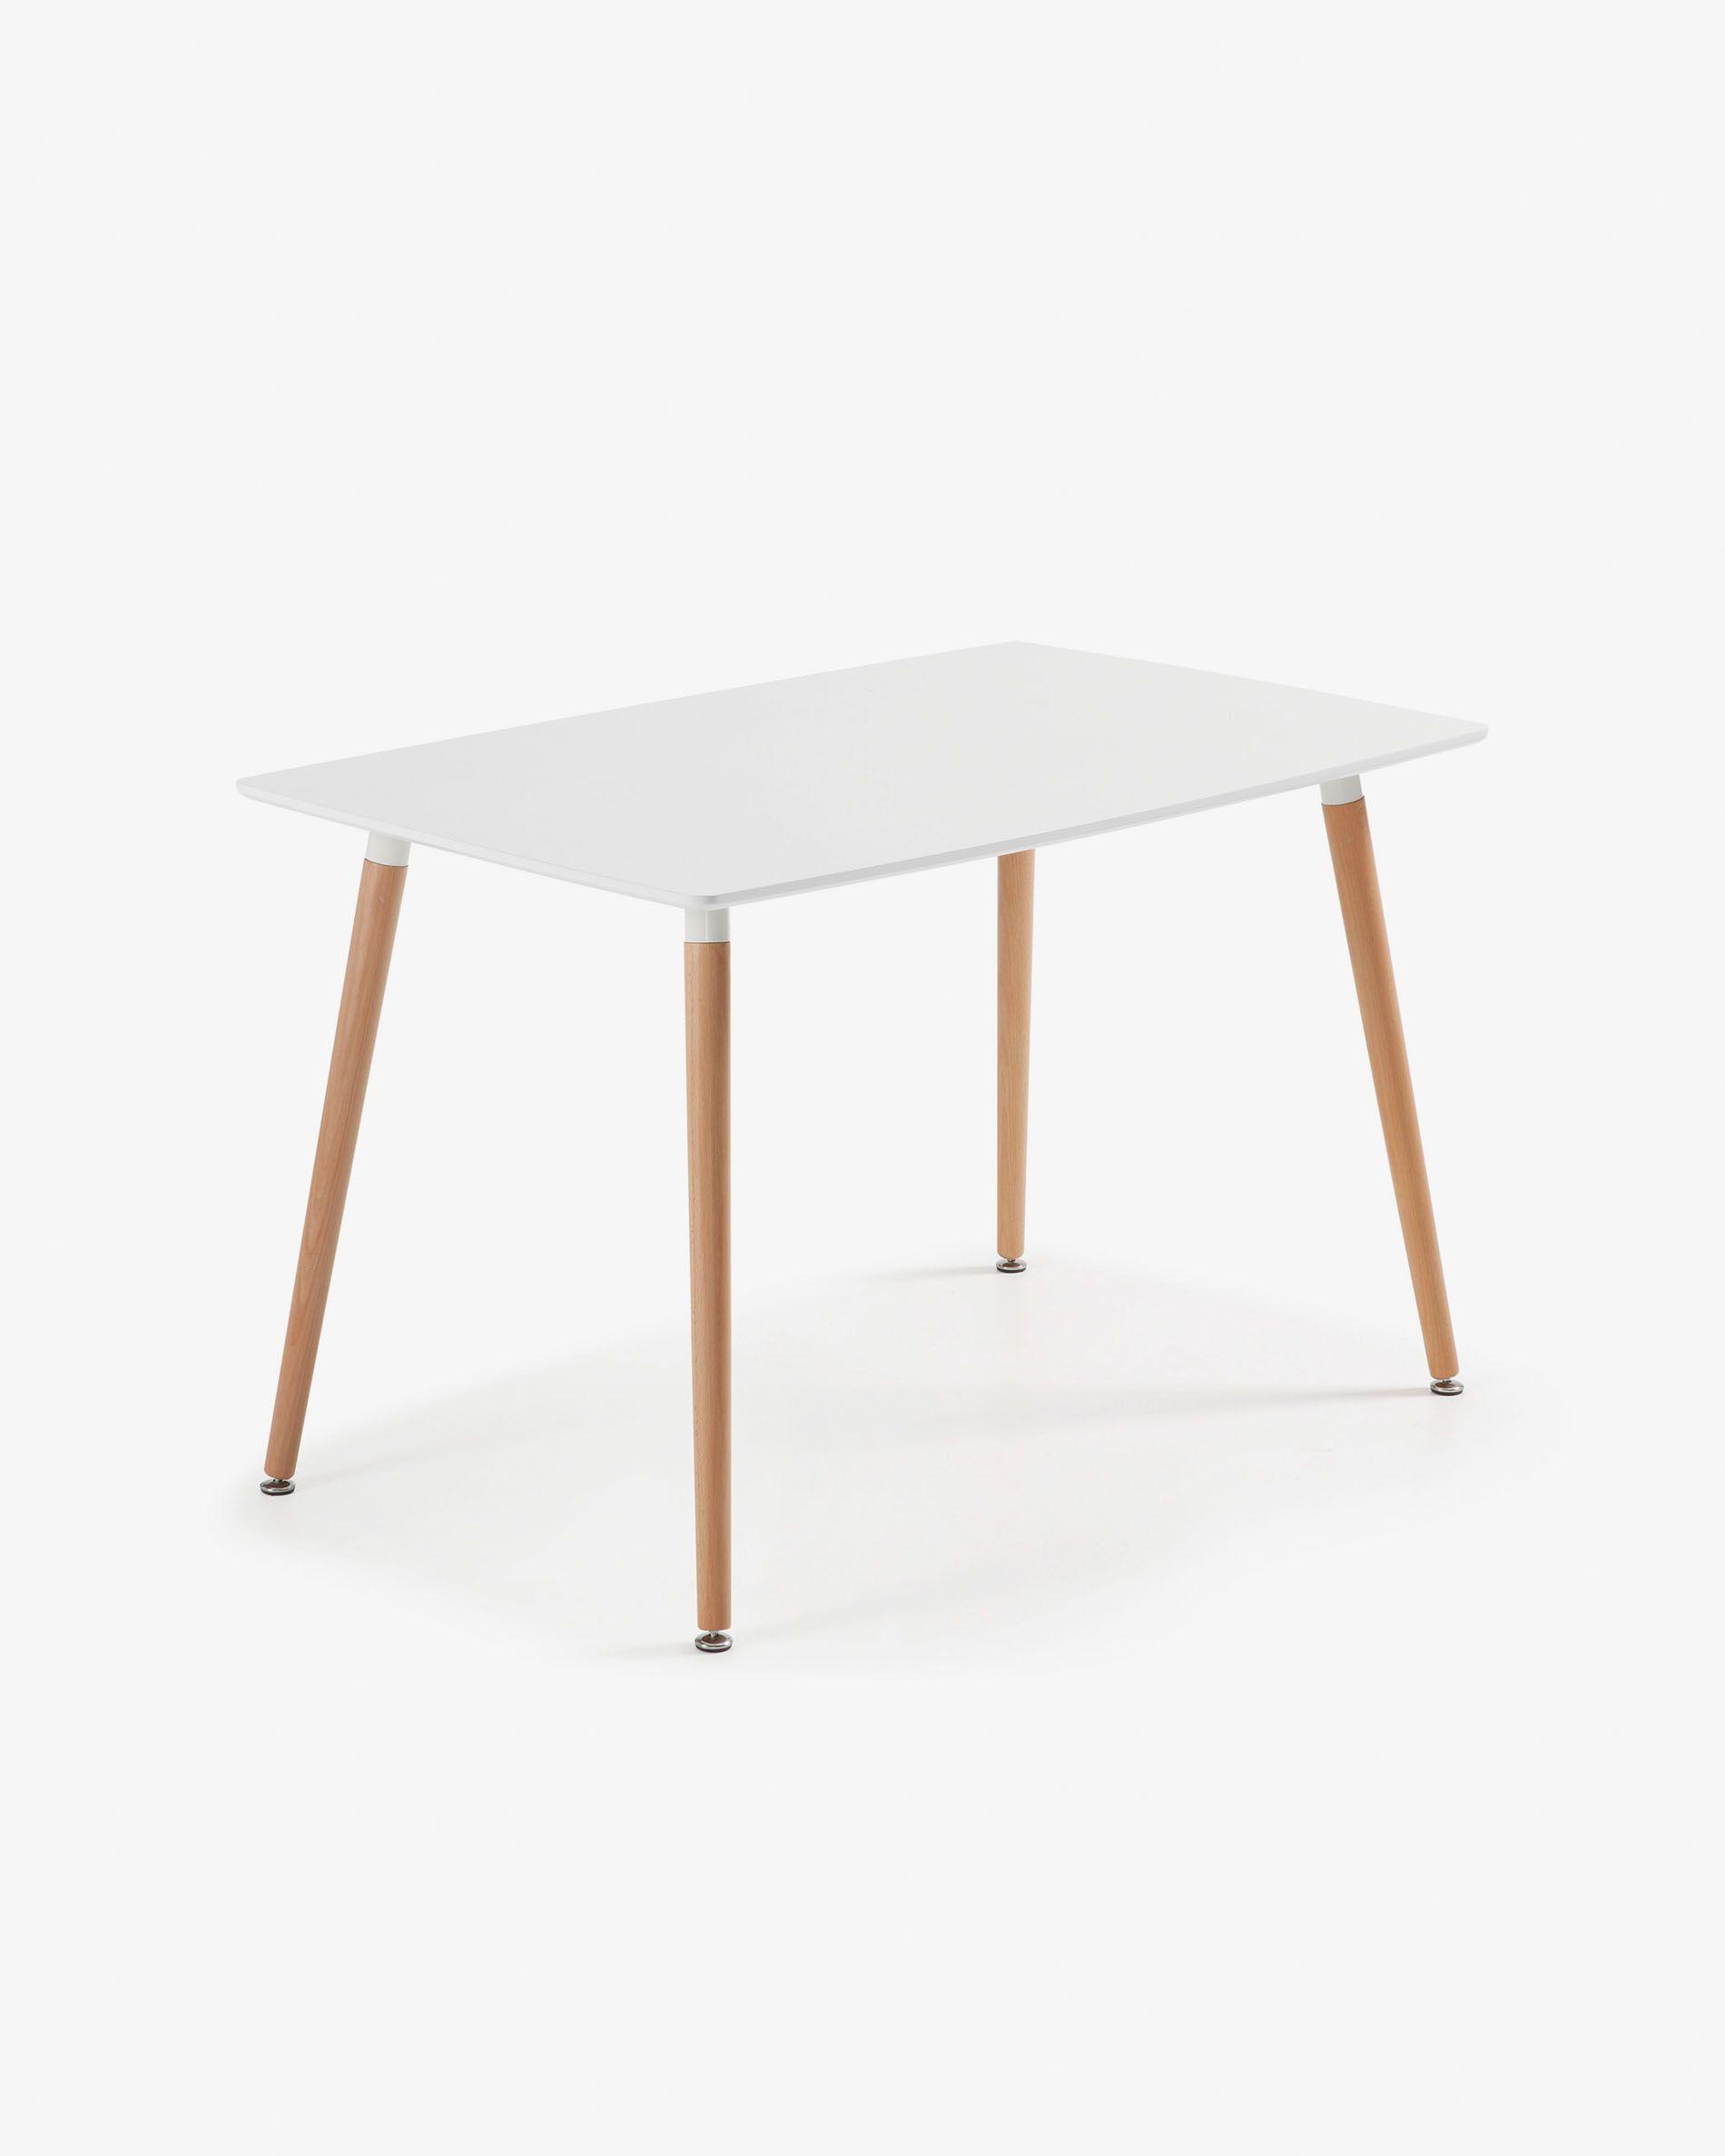 Ensemble Table Ronde Et Chaise Inspirant Table Wad 120 X 75 Cm